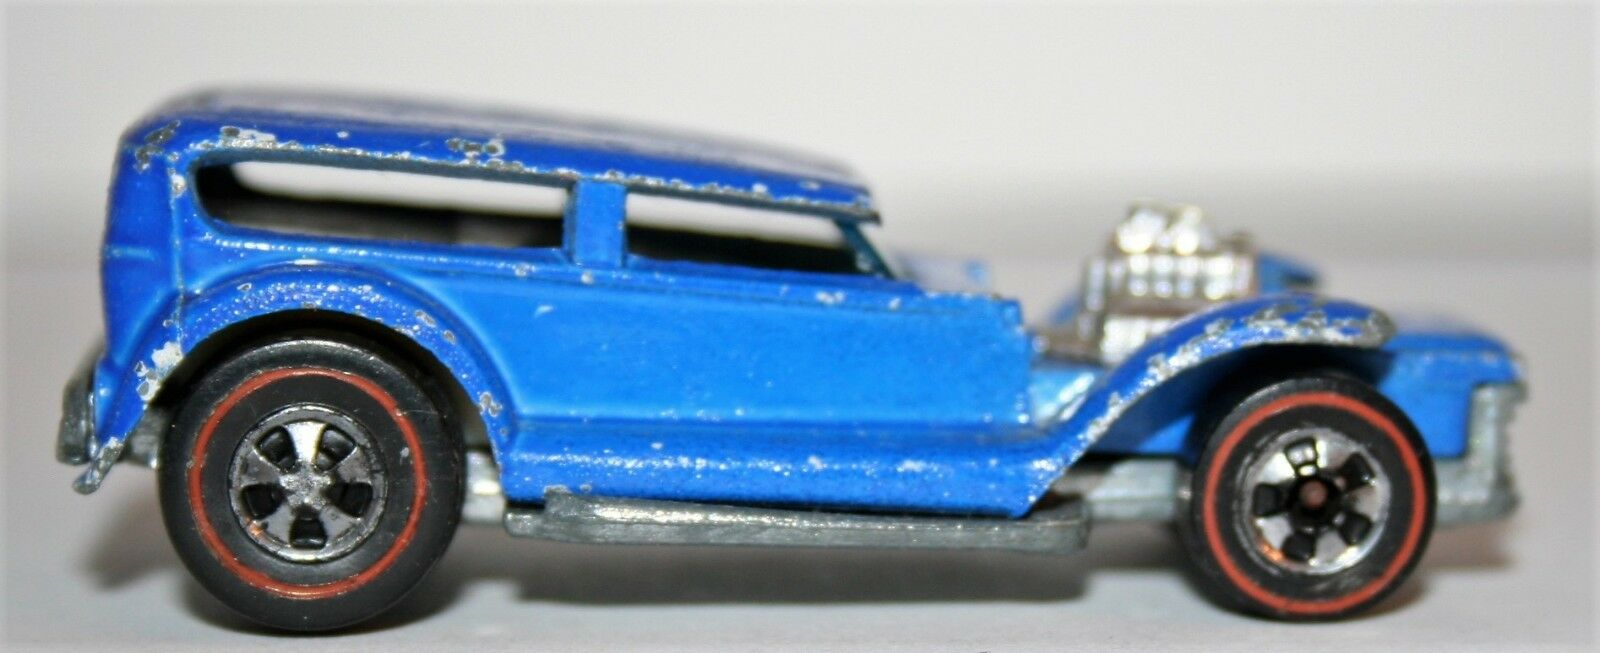 Vintage Rare 1973 Mattel Hot Wheels Redline bluee Prowler Red Line 6965